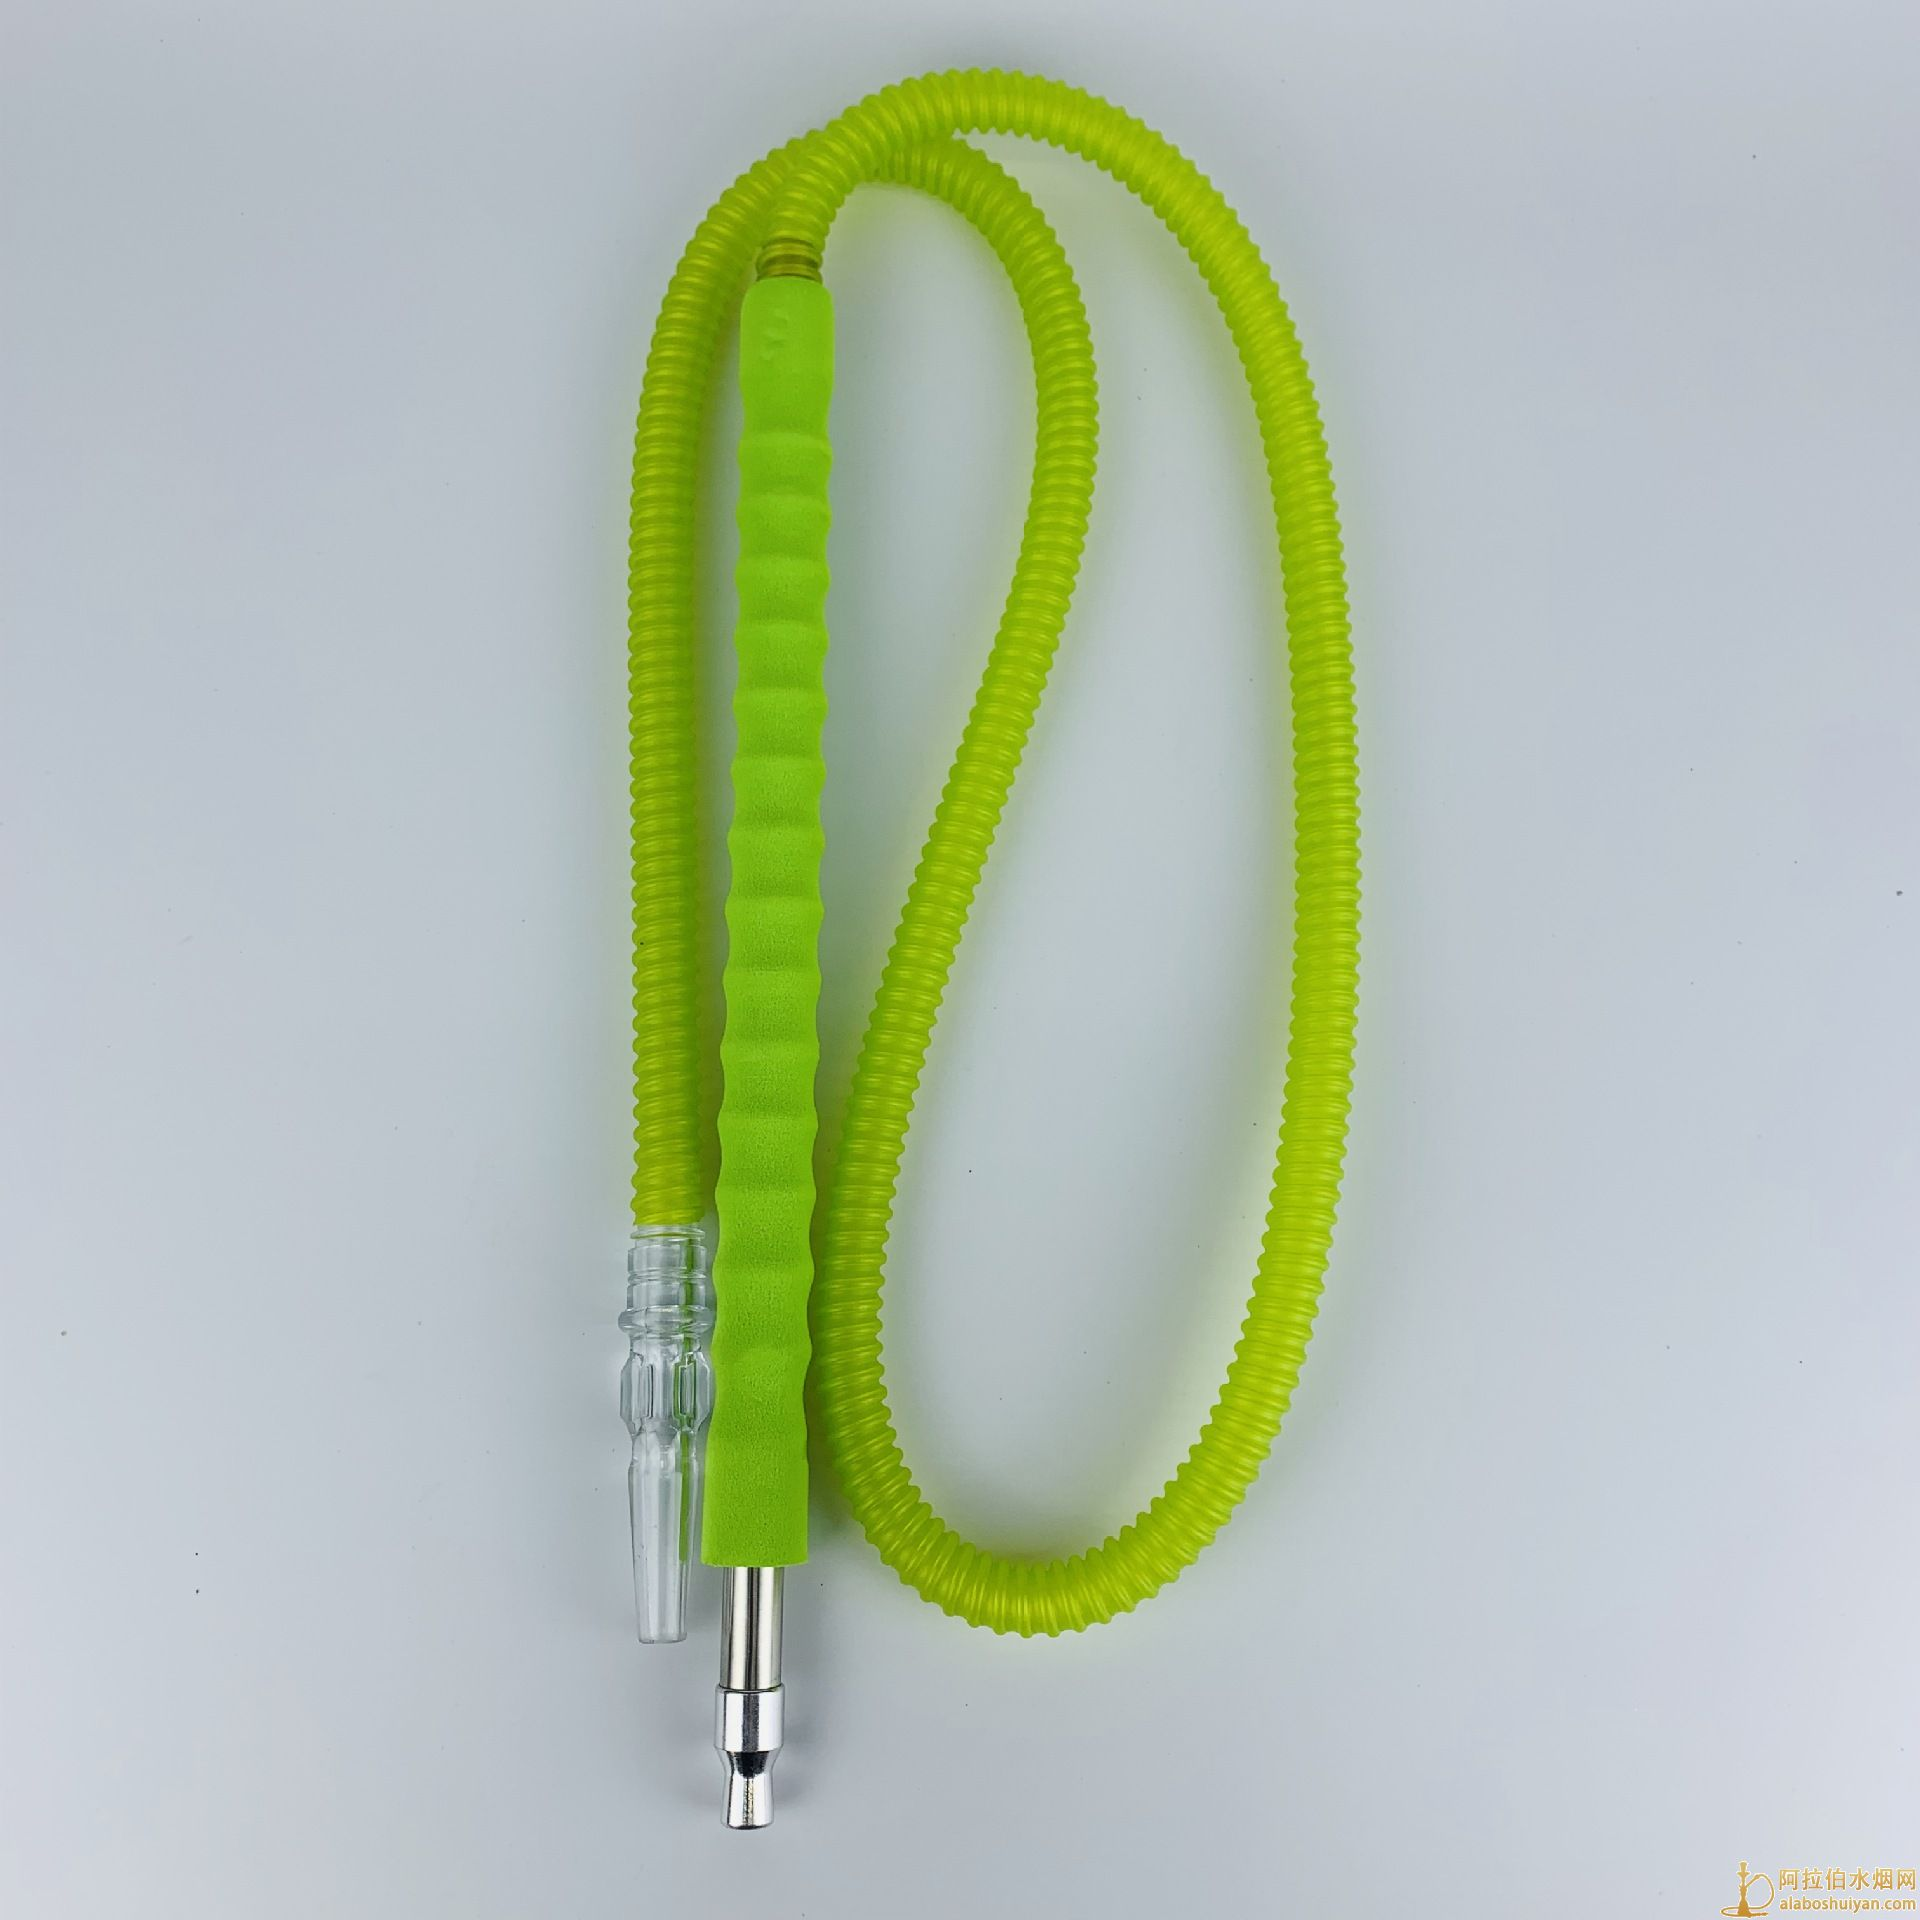 阿拉伯水烟吸管单色海绵手柄水烟吸管使用有档次通透